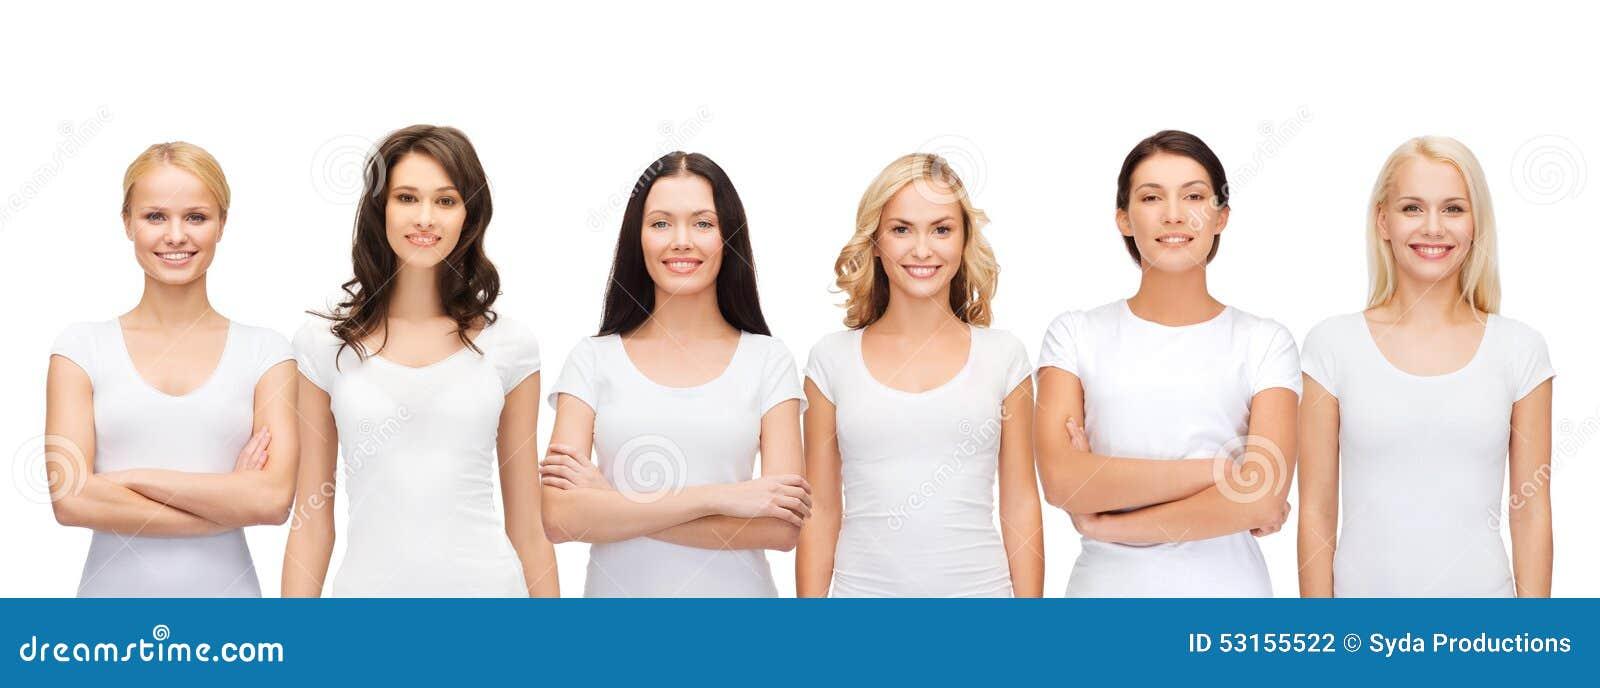 Groep glimlachende vrouwen in lege witte t-shirts